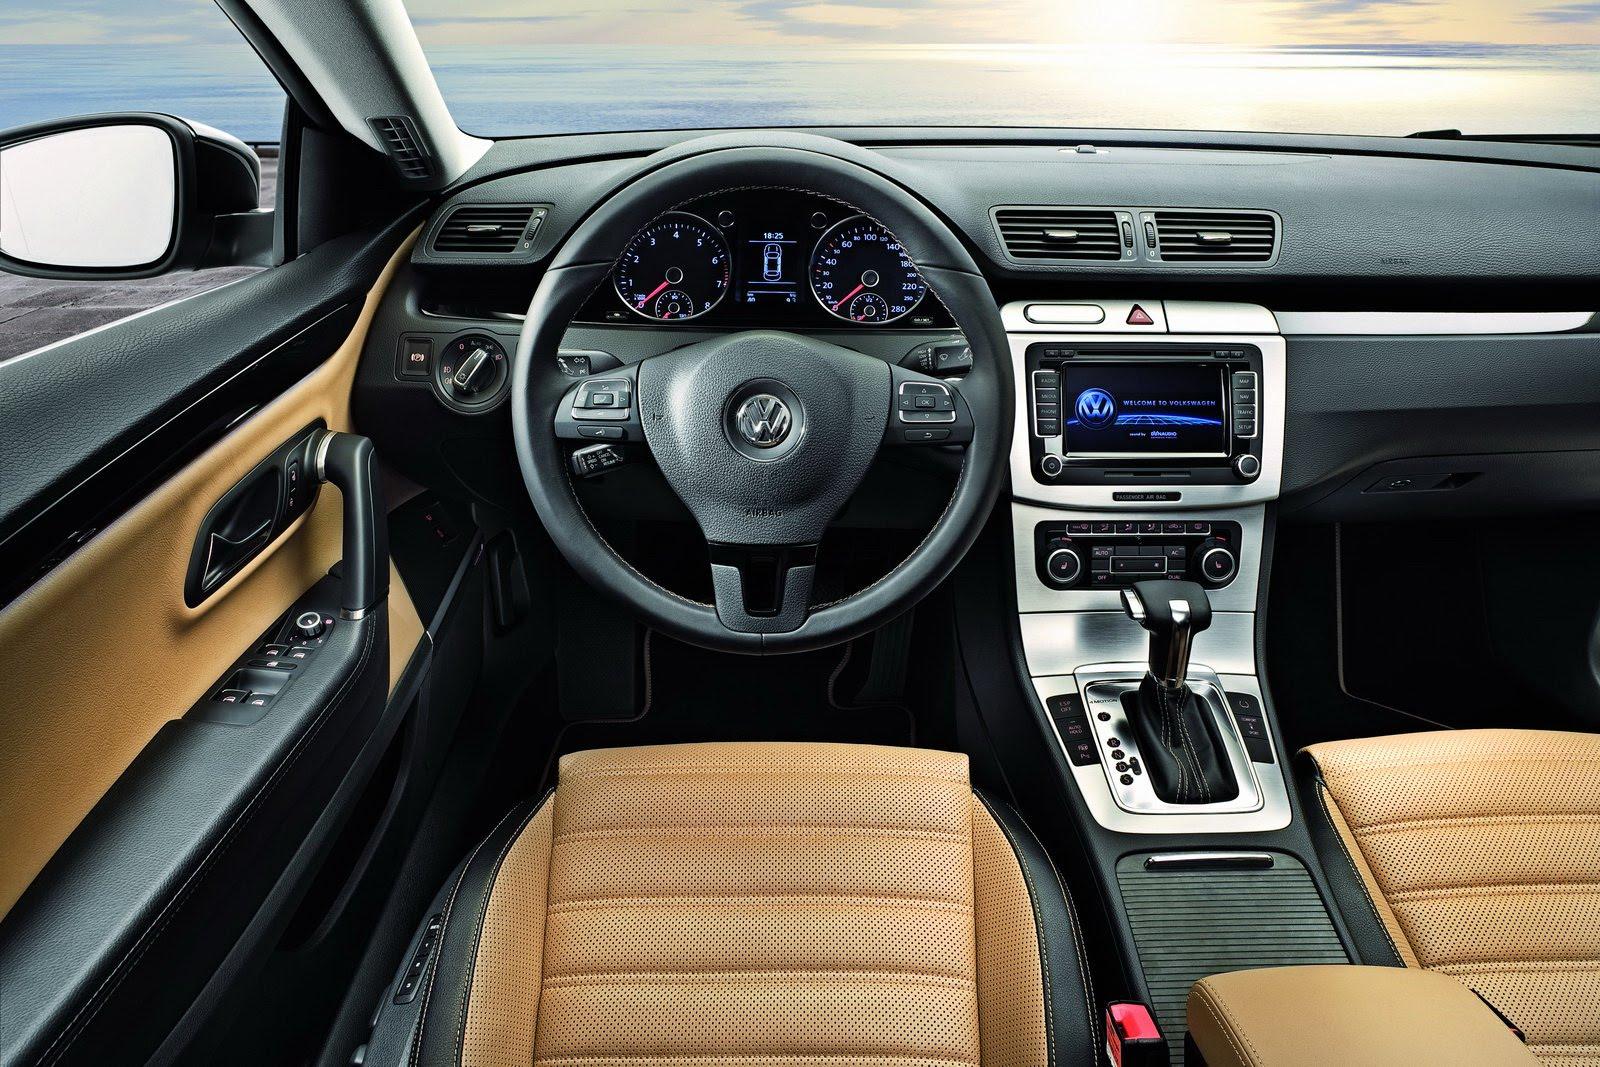 2017 Volkswagen Jetta Configurations >> Volkswagen Passat CC Exclusive Line Revealed - autoevolution